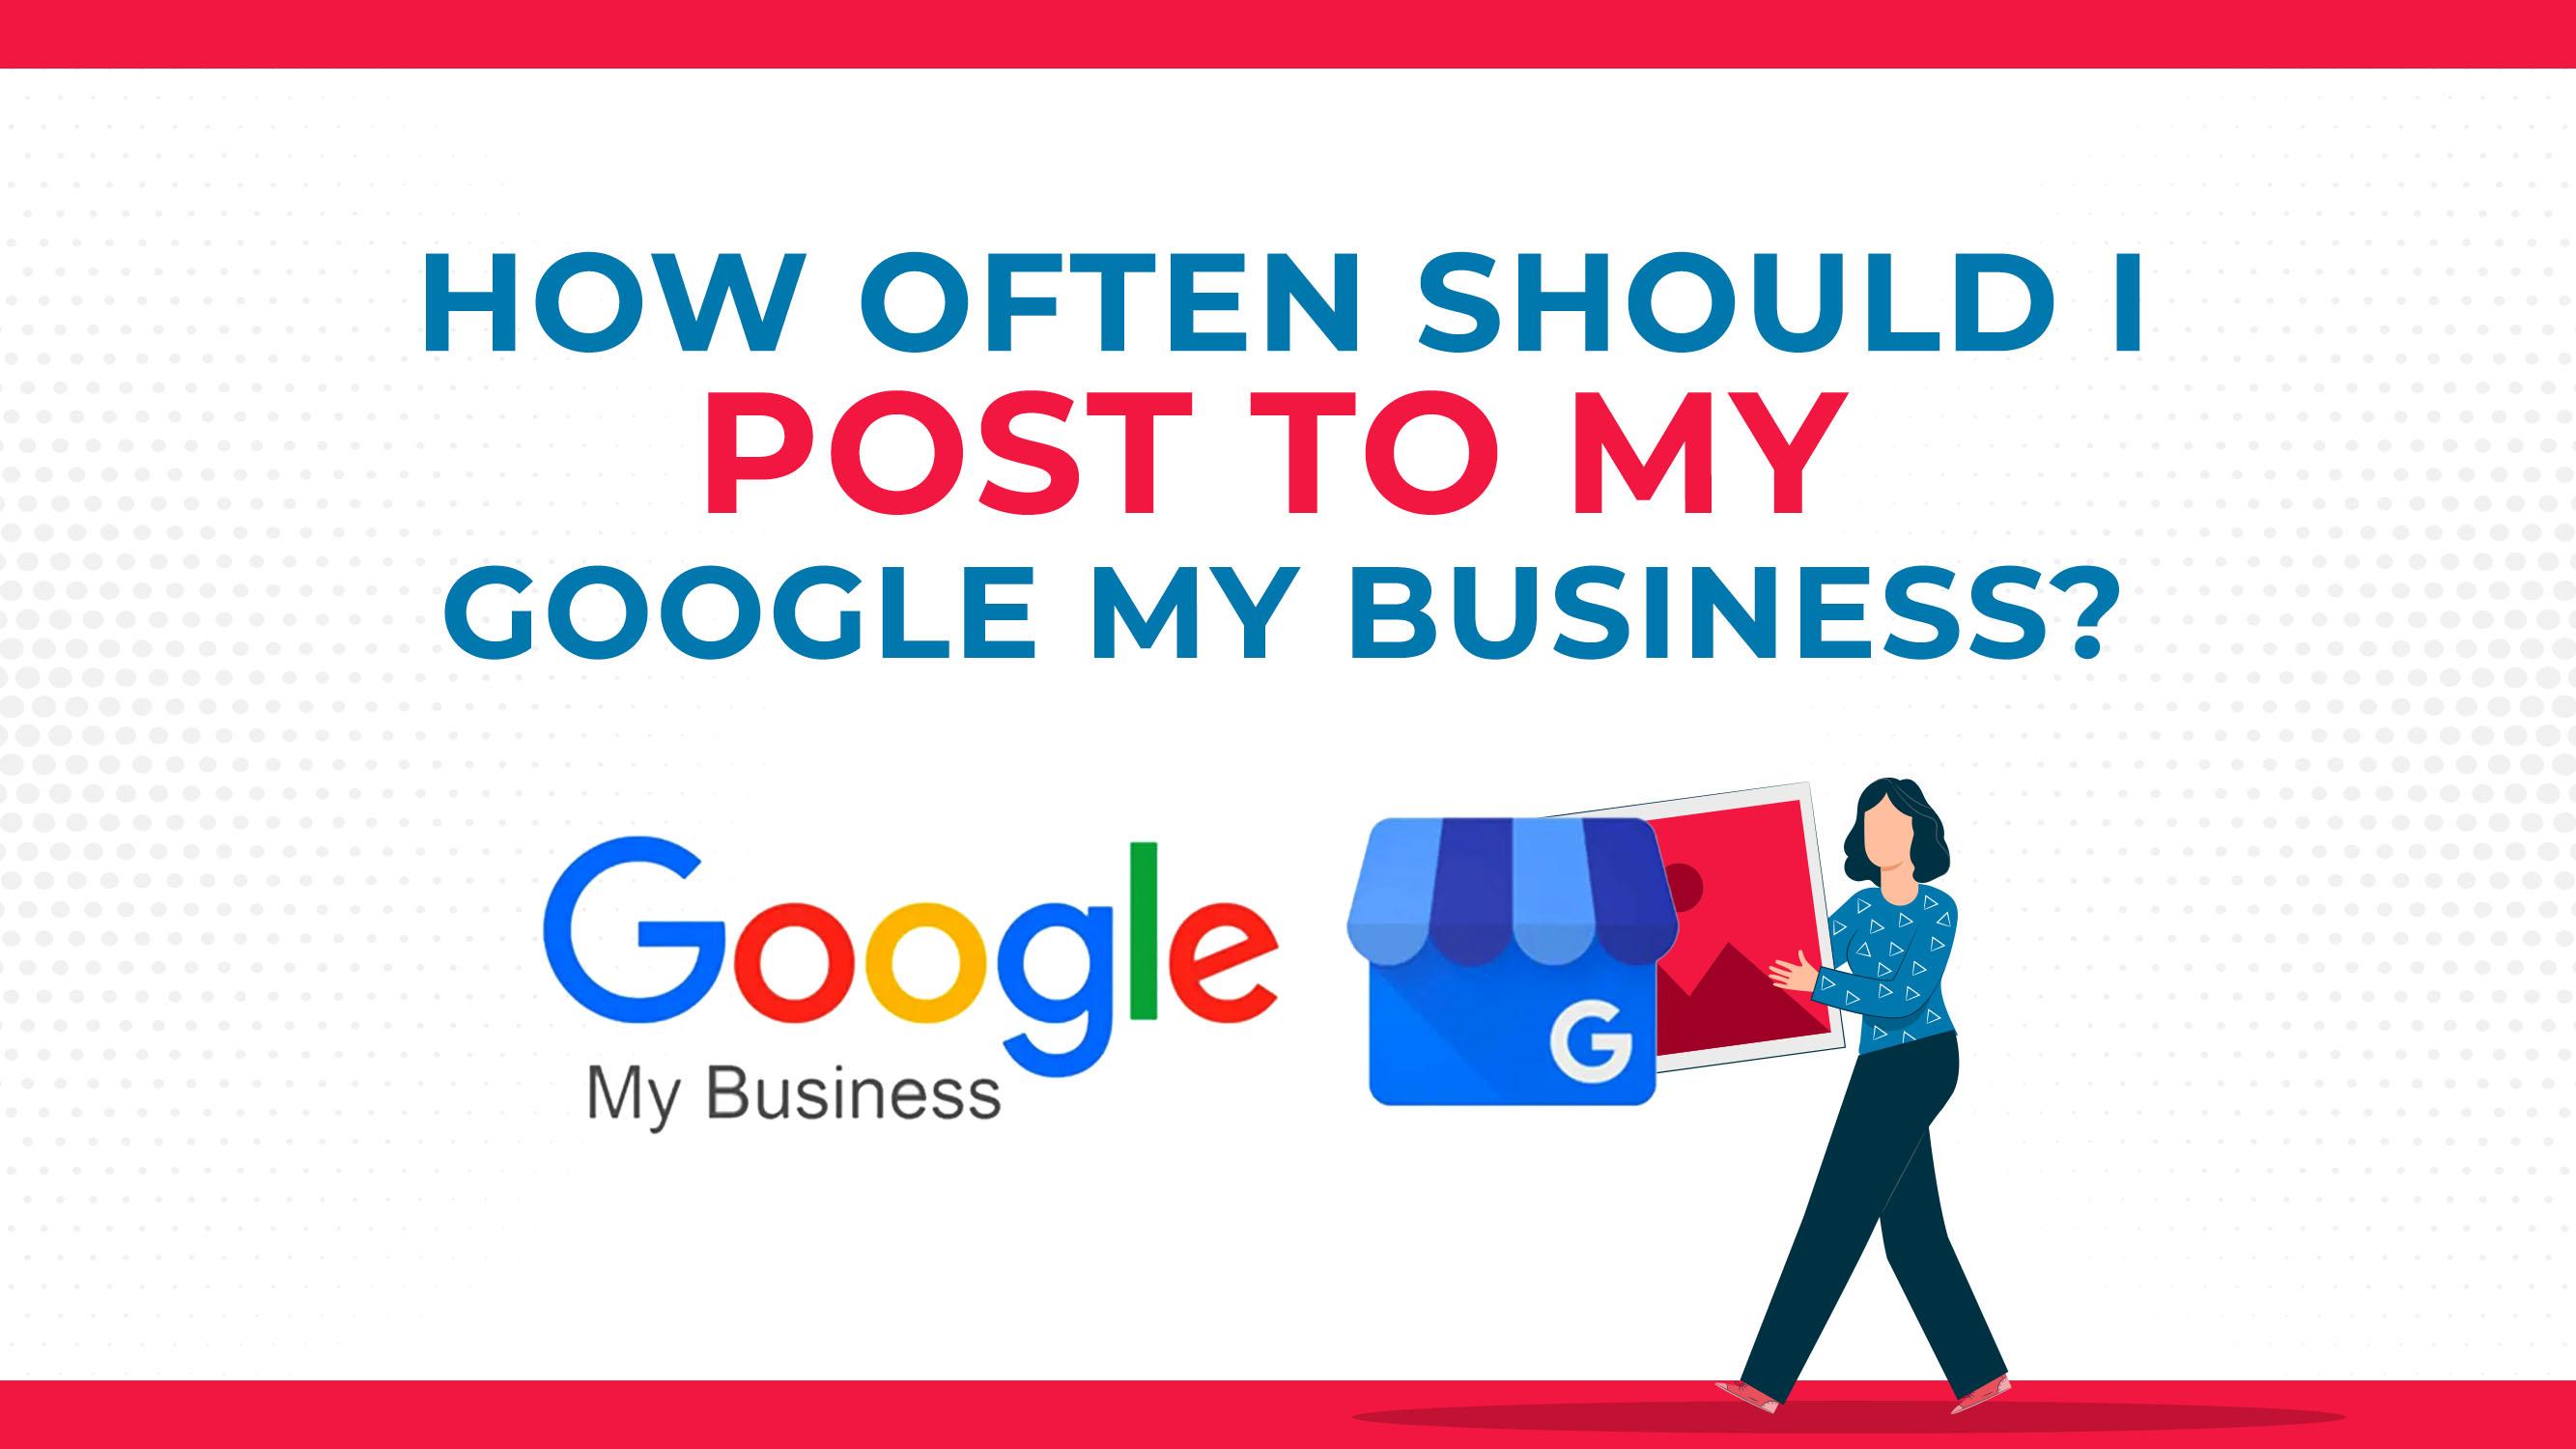 どのくらいの頻度でGoogleに自分のビジネスを投稿すべきか?